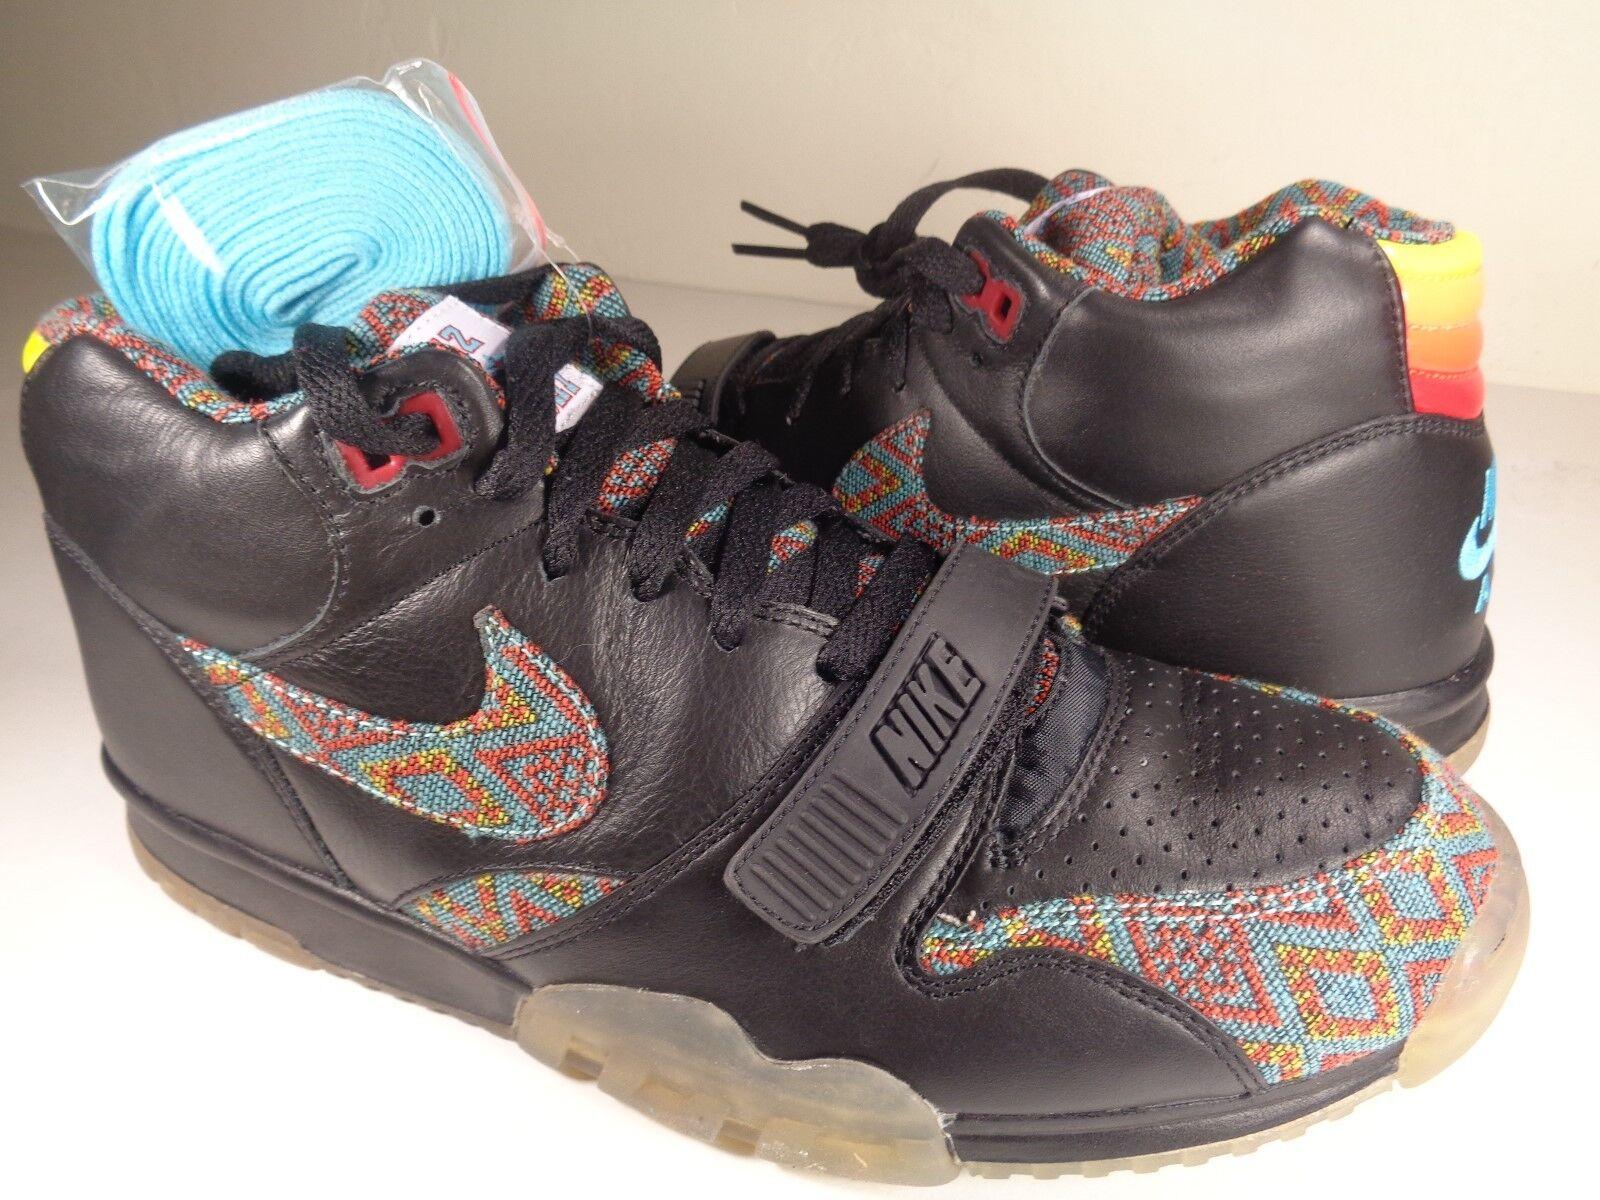 Nike Air Trainer 1 Mid PRM NPCE QS Victor Cruz noir Rare SZ 9.5 (623912-001)